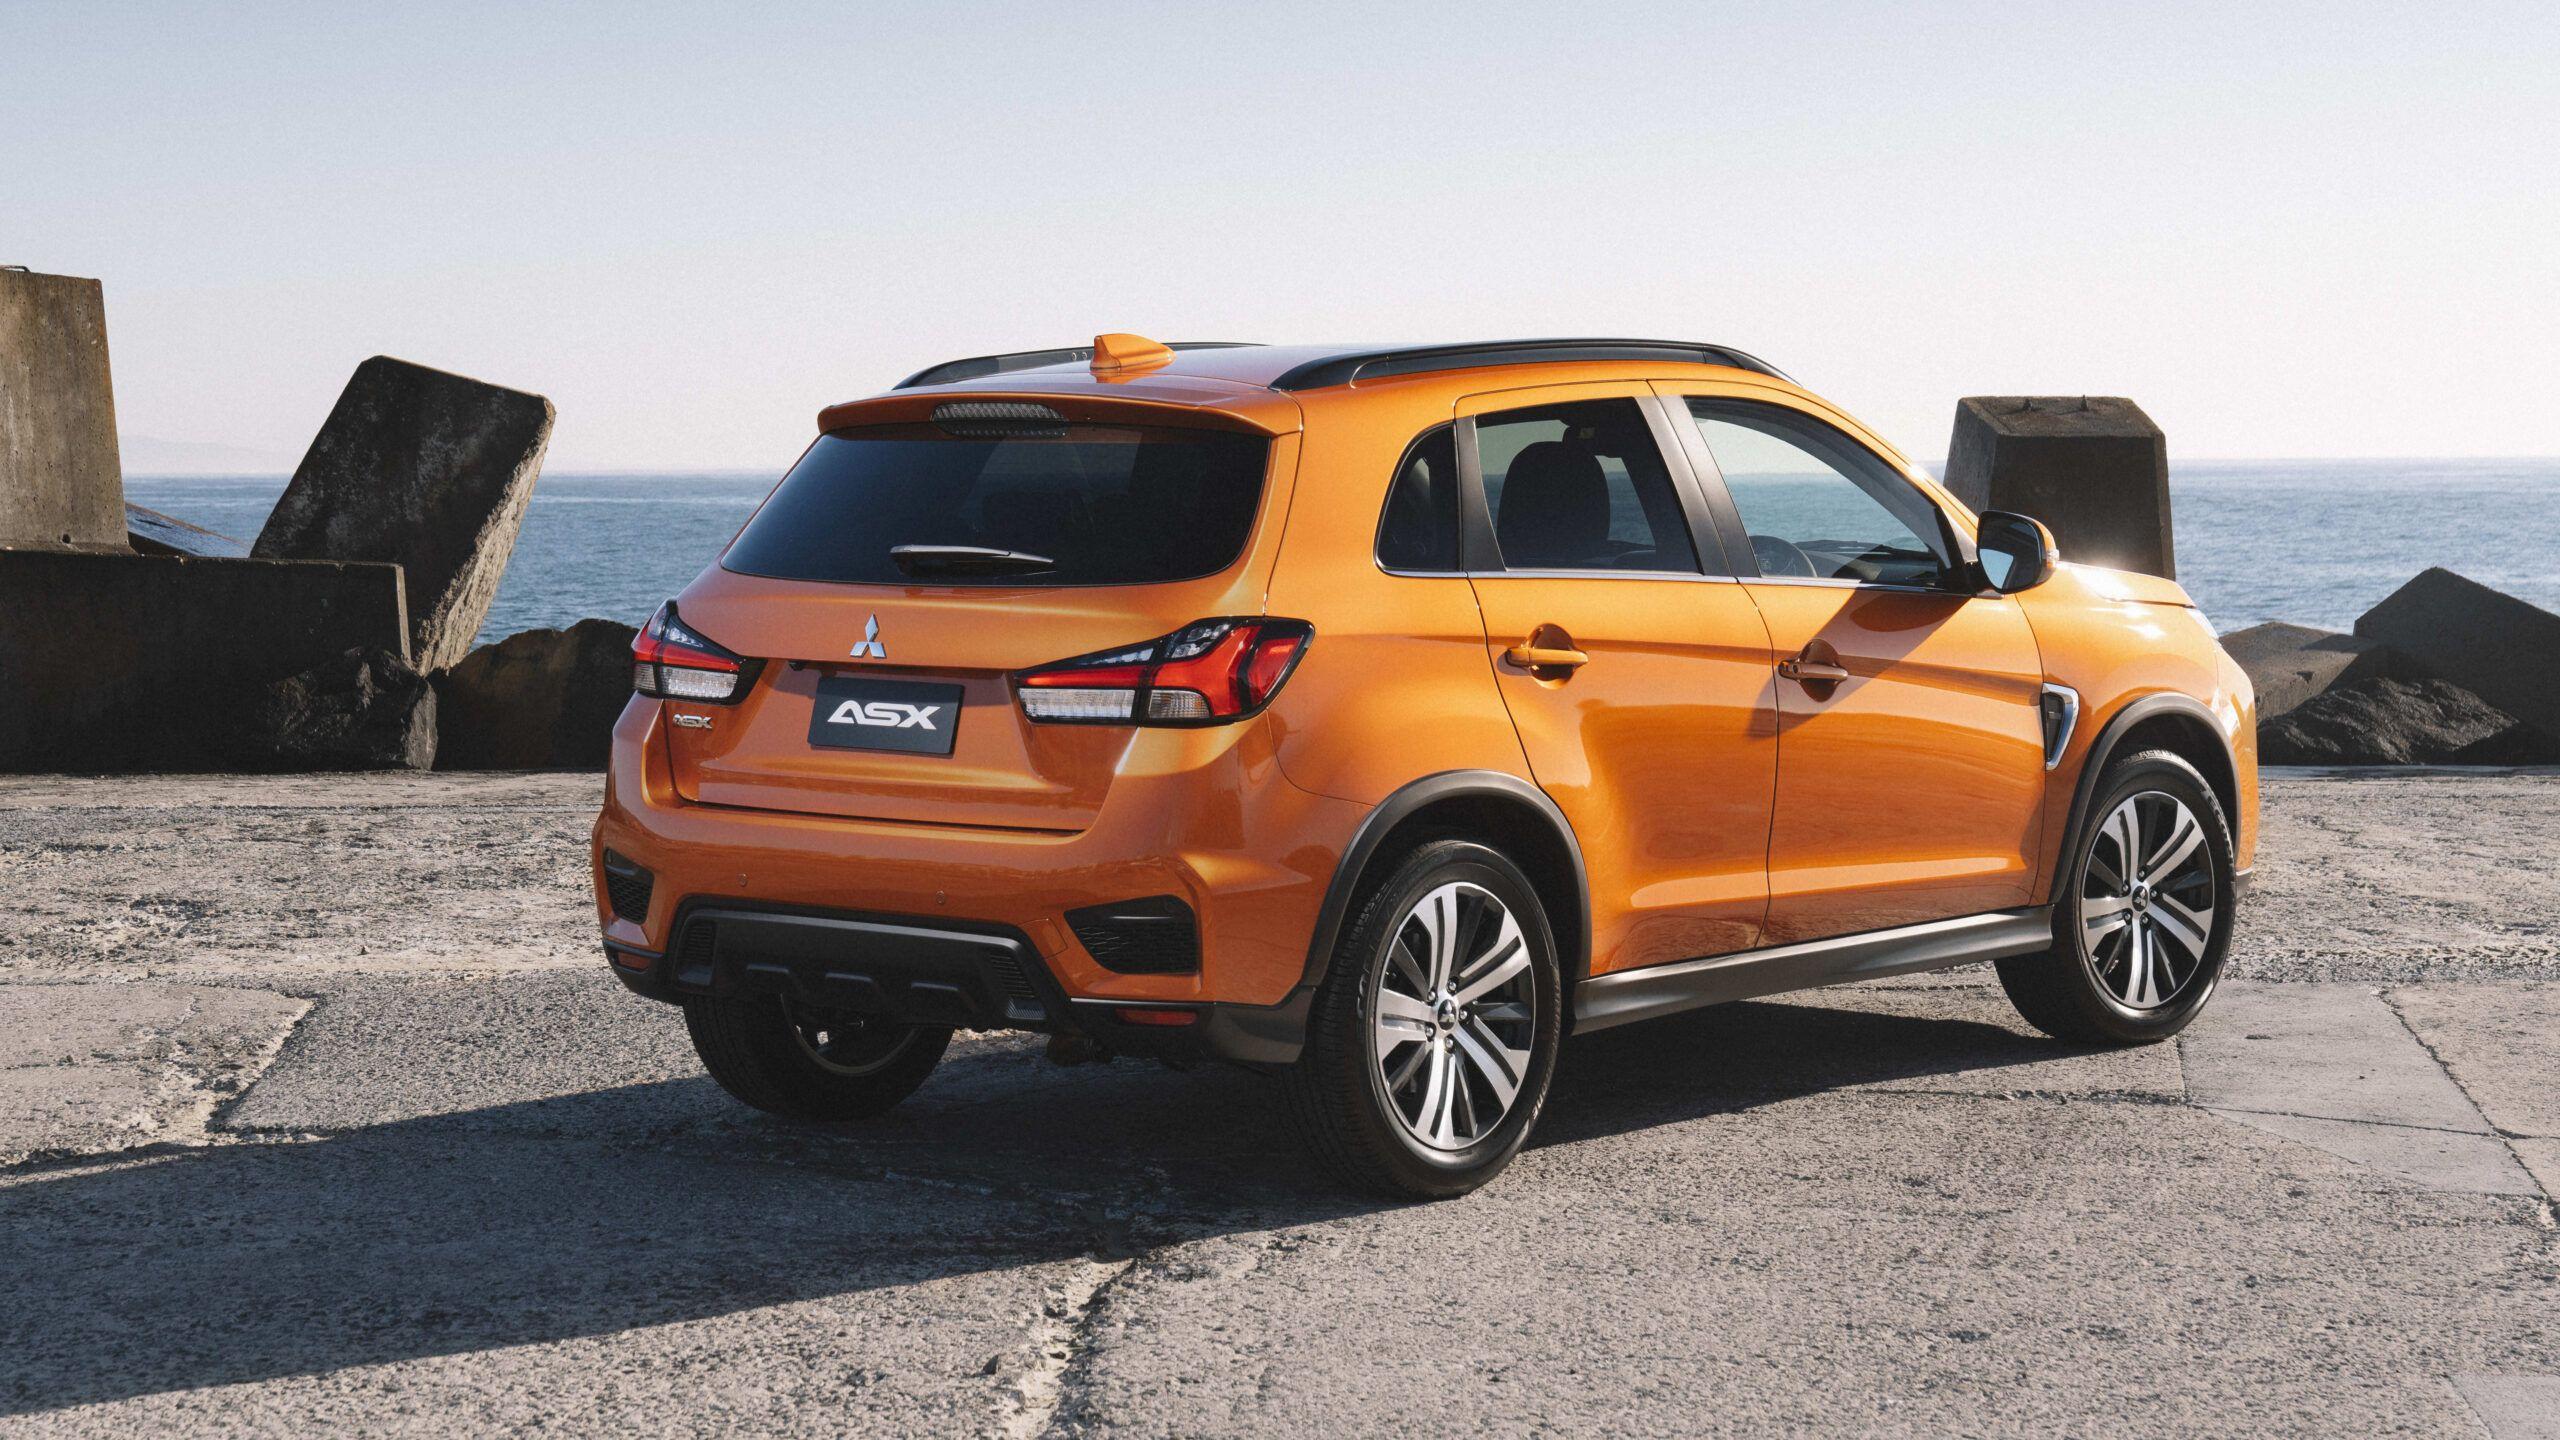 Mitsubishi Asx 2020 Price Release Datecar Update 2020 Di 2020